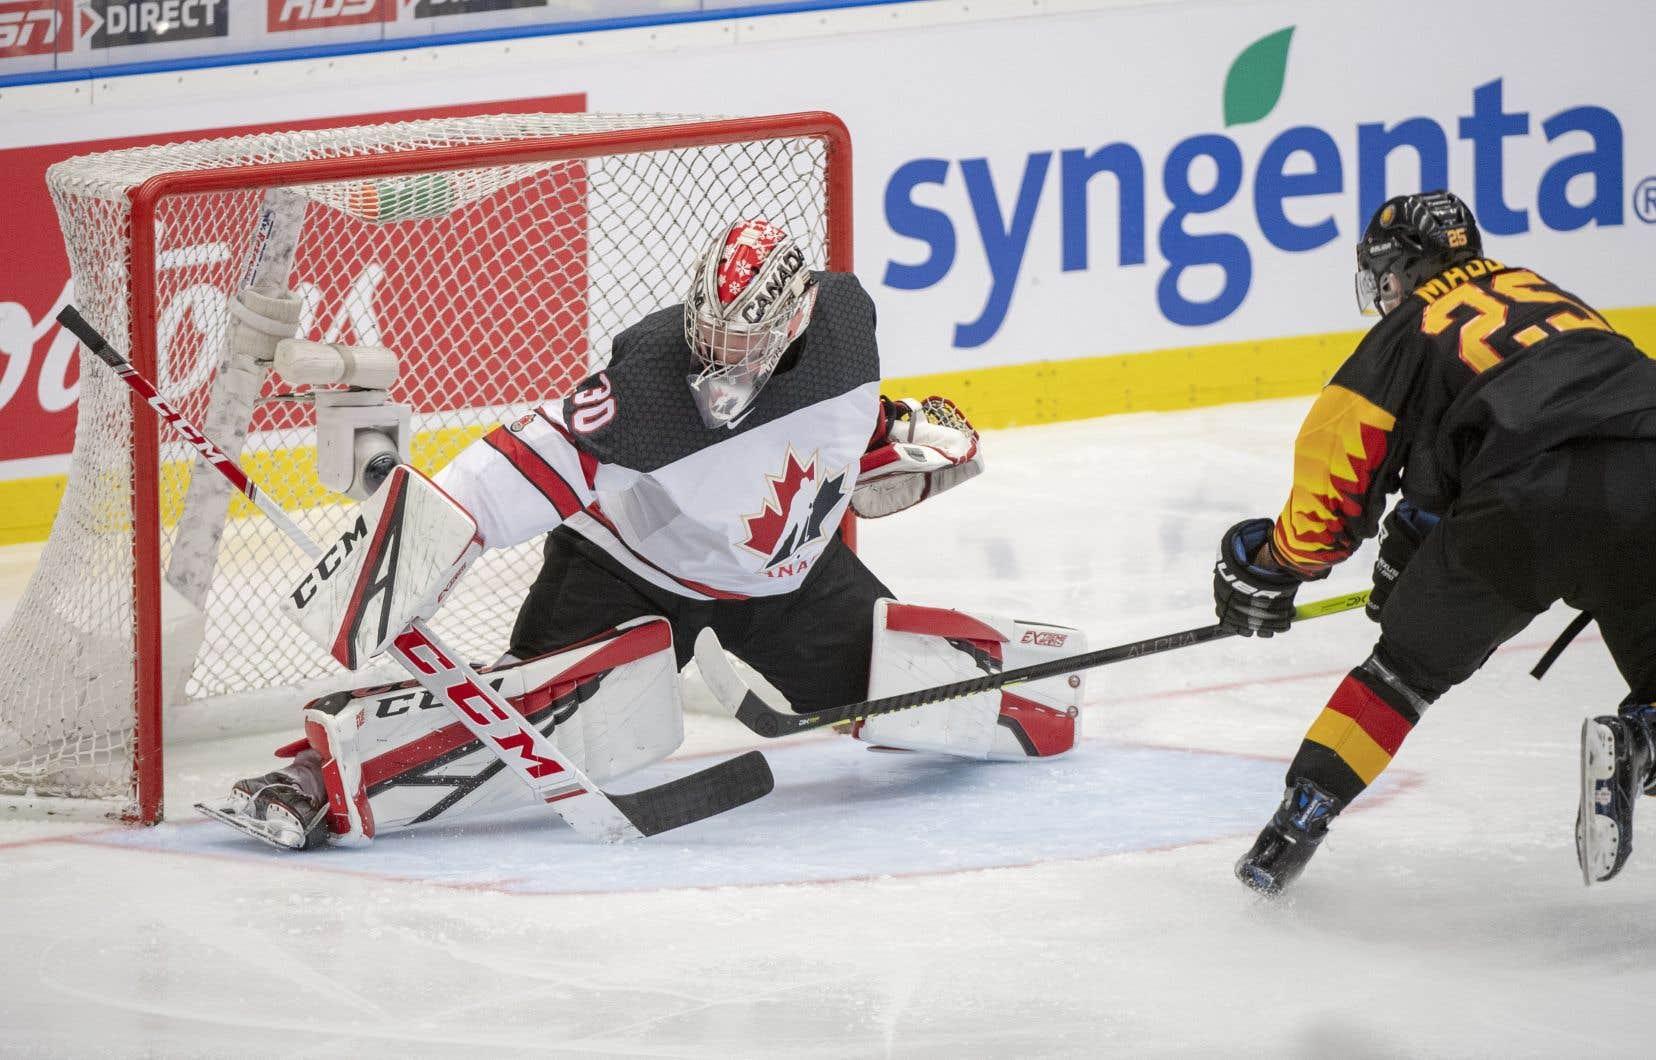 Le gardien Joel Hofer a remporté son premier départ sur la scène internationale dans la victoire de 4-1 du Canada face à l'Allemagne au Championnat mondial de hockey junior.